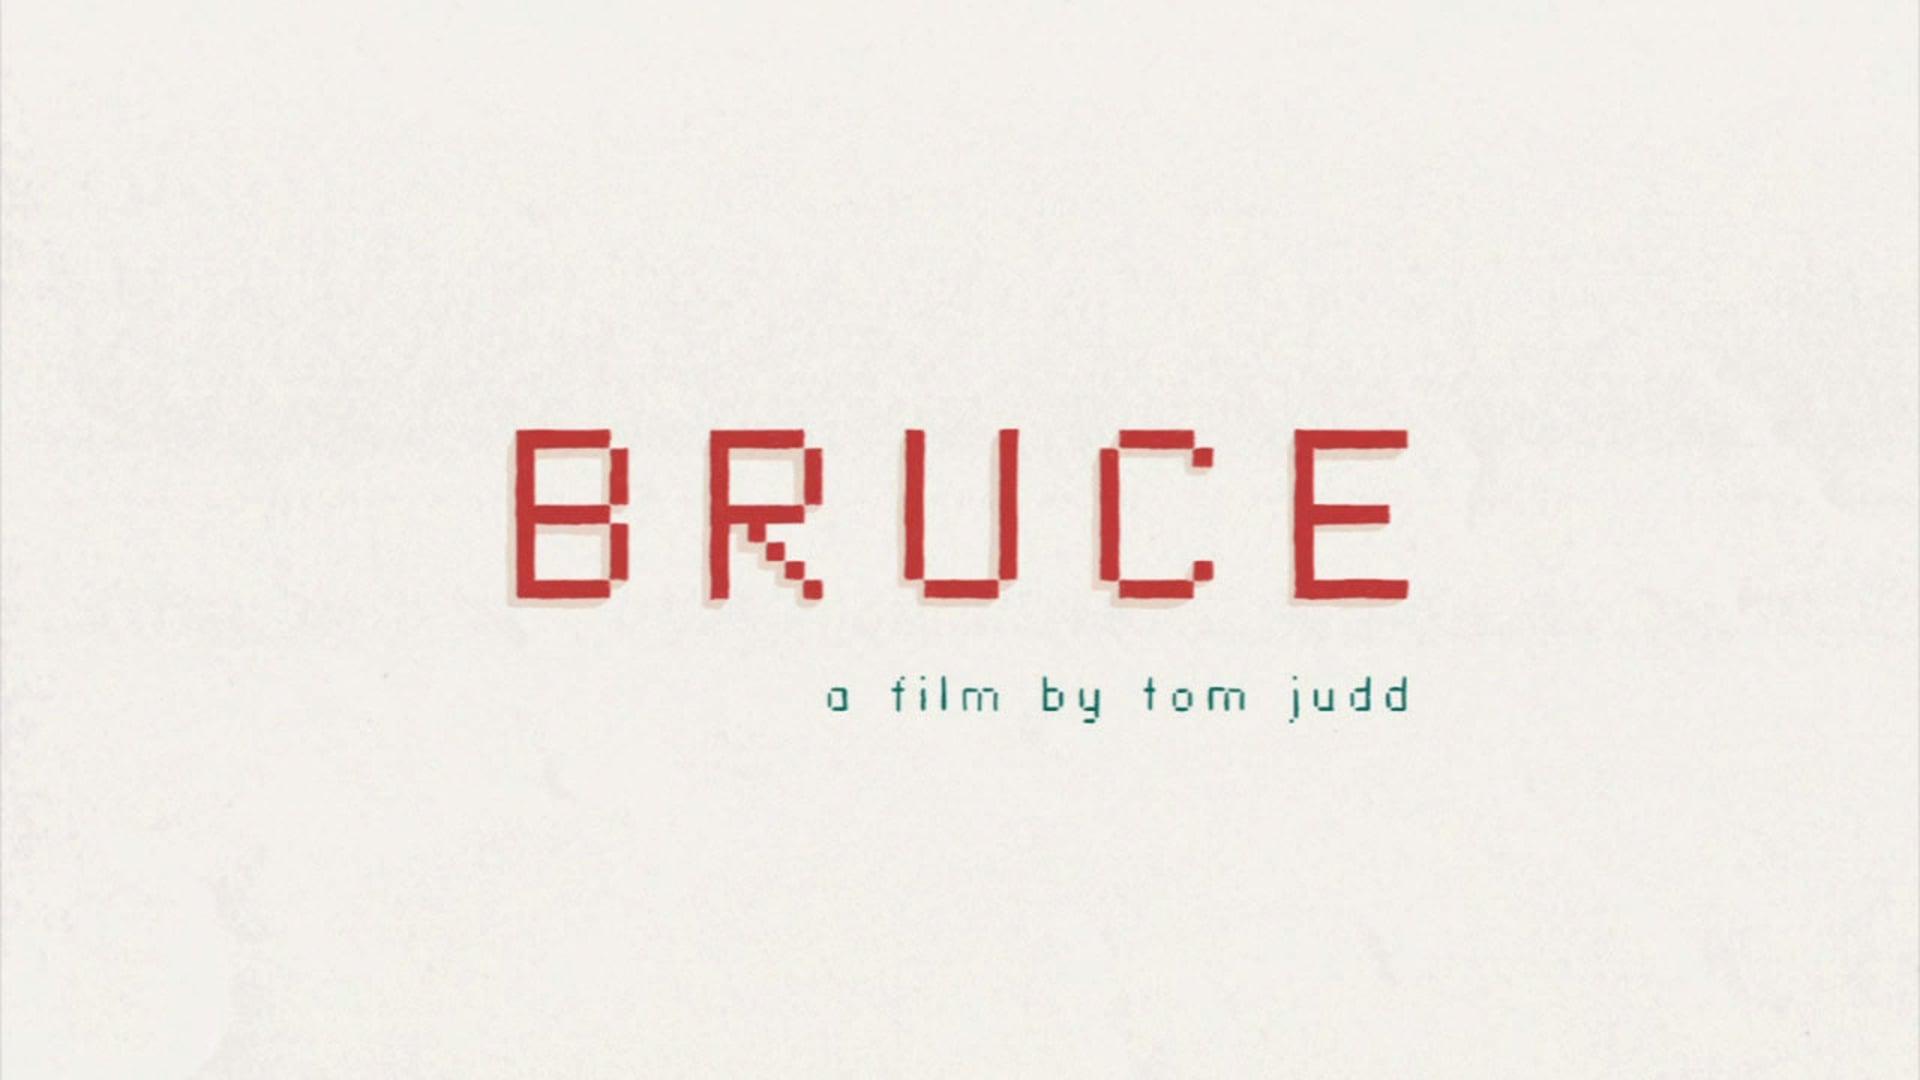 Bruce - by Tom Judd